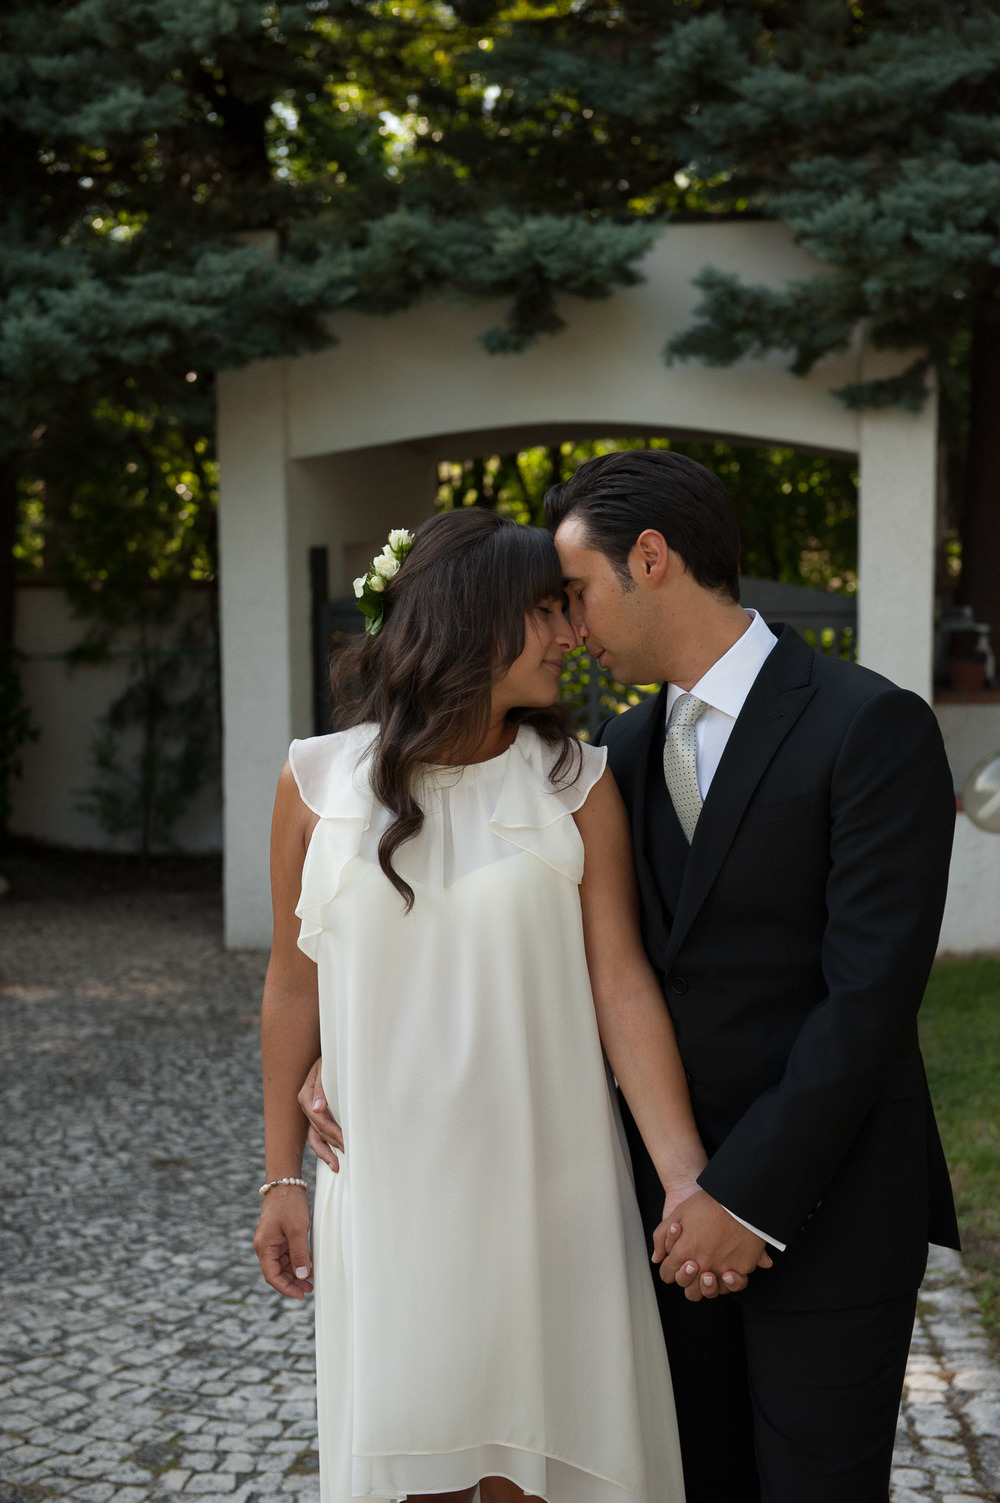 boda en italia_pablosalgado__PSB5885.jpg